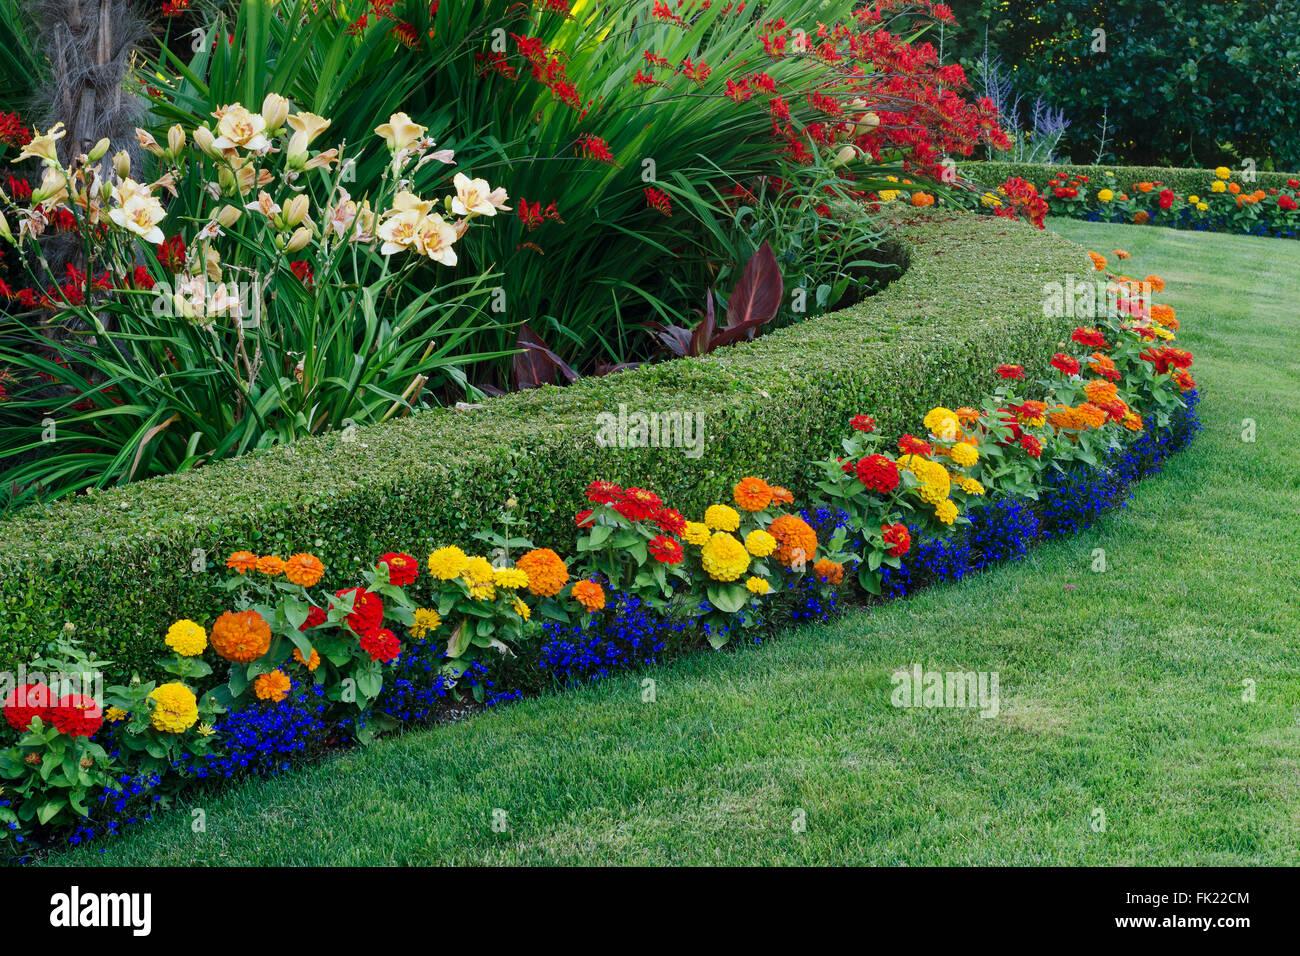 Ein Schöner Garten Display Mit Einer Geschwungenen Buchsbaum Hecke Umgeben  Von Einer Vielzahl Von Bunten Blumen.